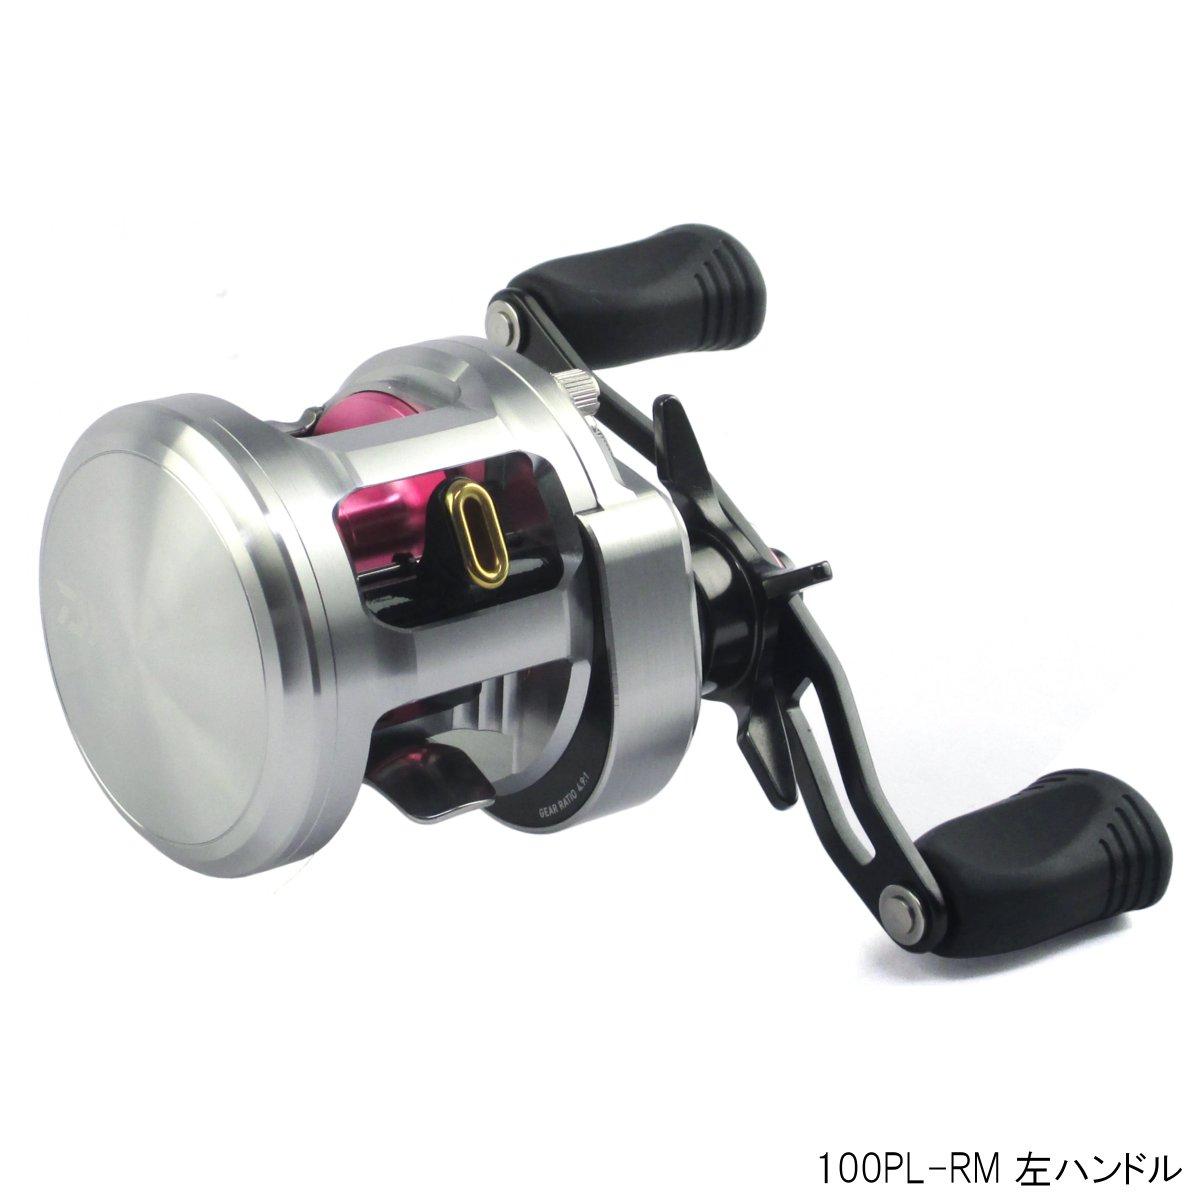 ダイワ キャタリナ BJ 100PL-RM 左ハンドル【送料無料】